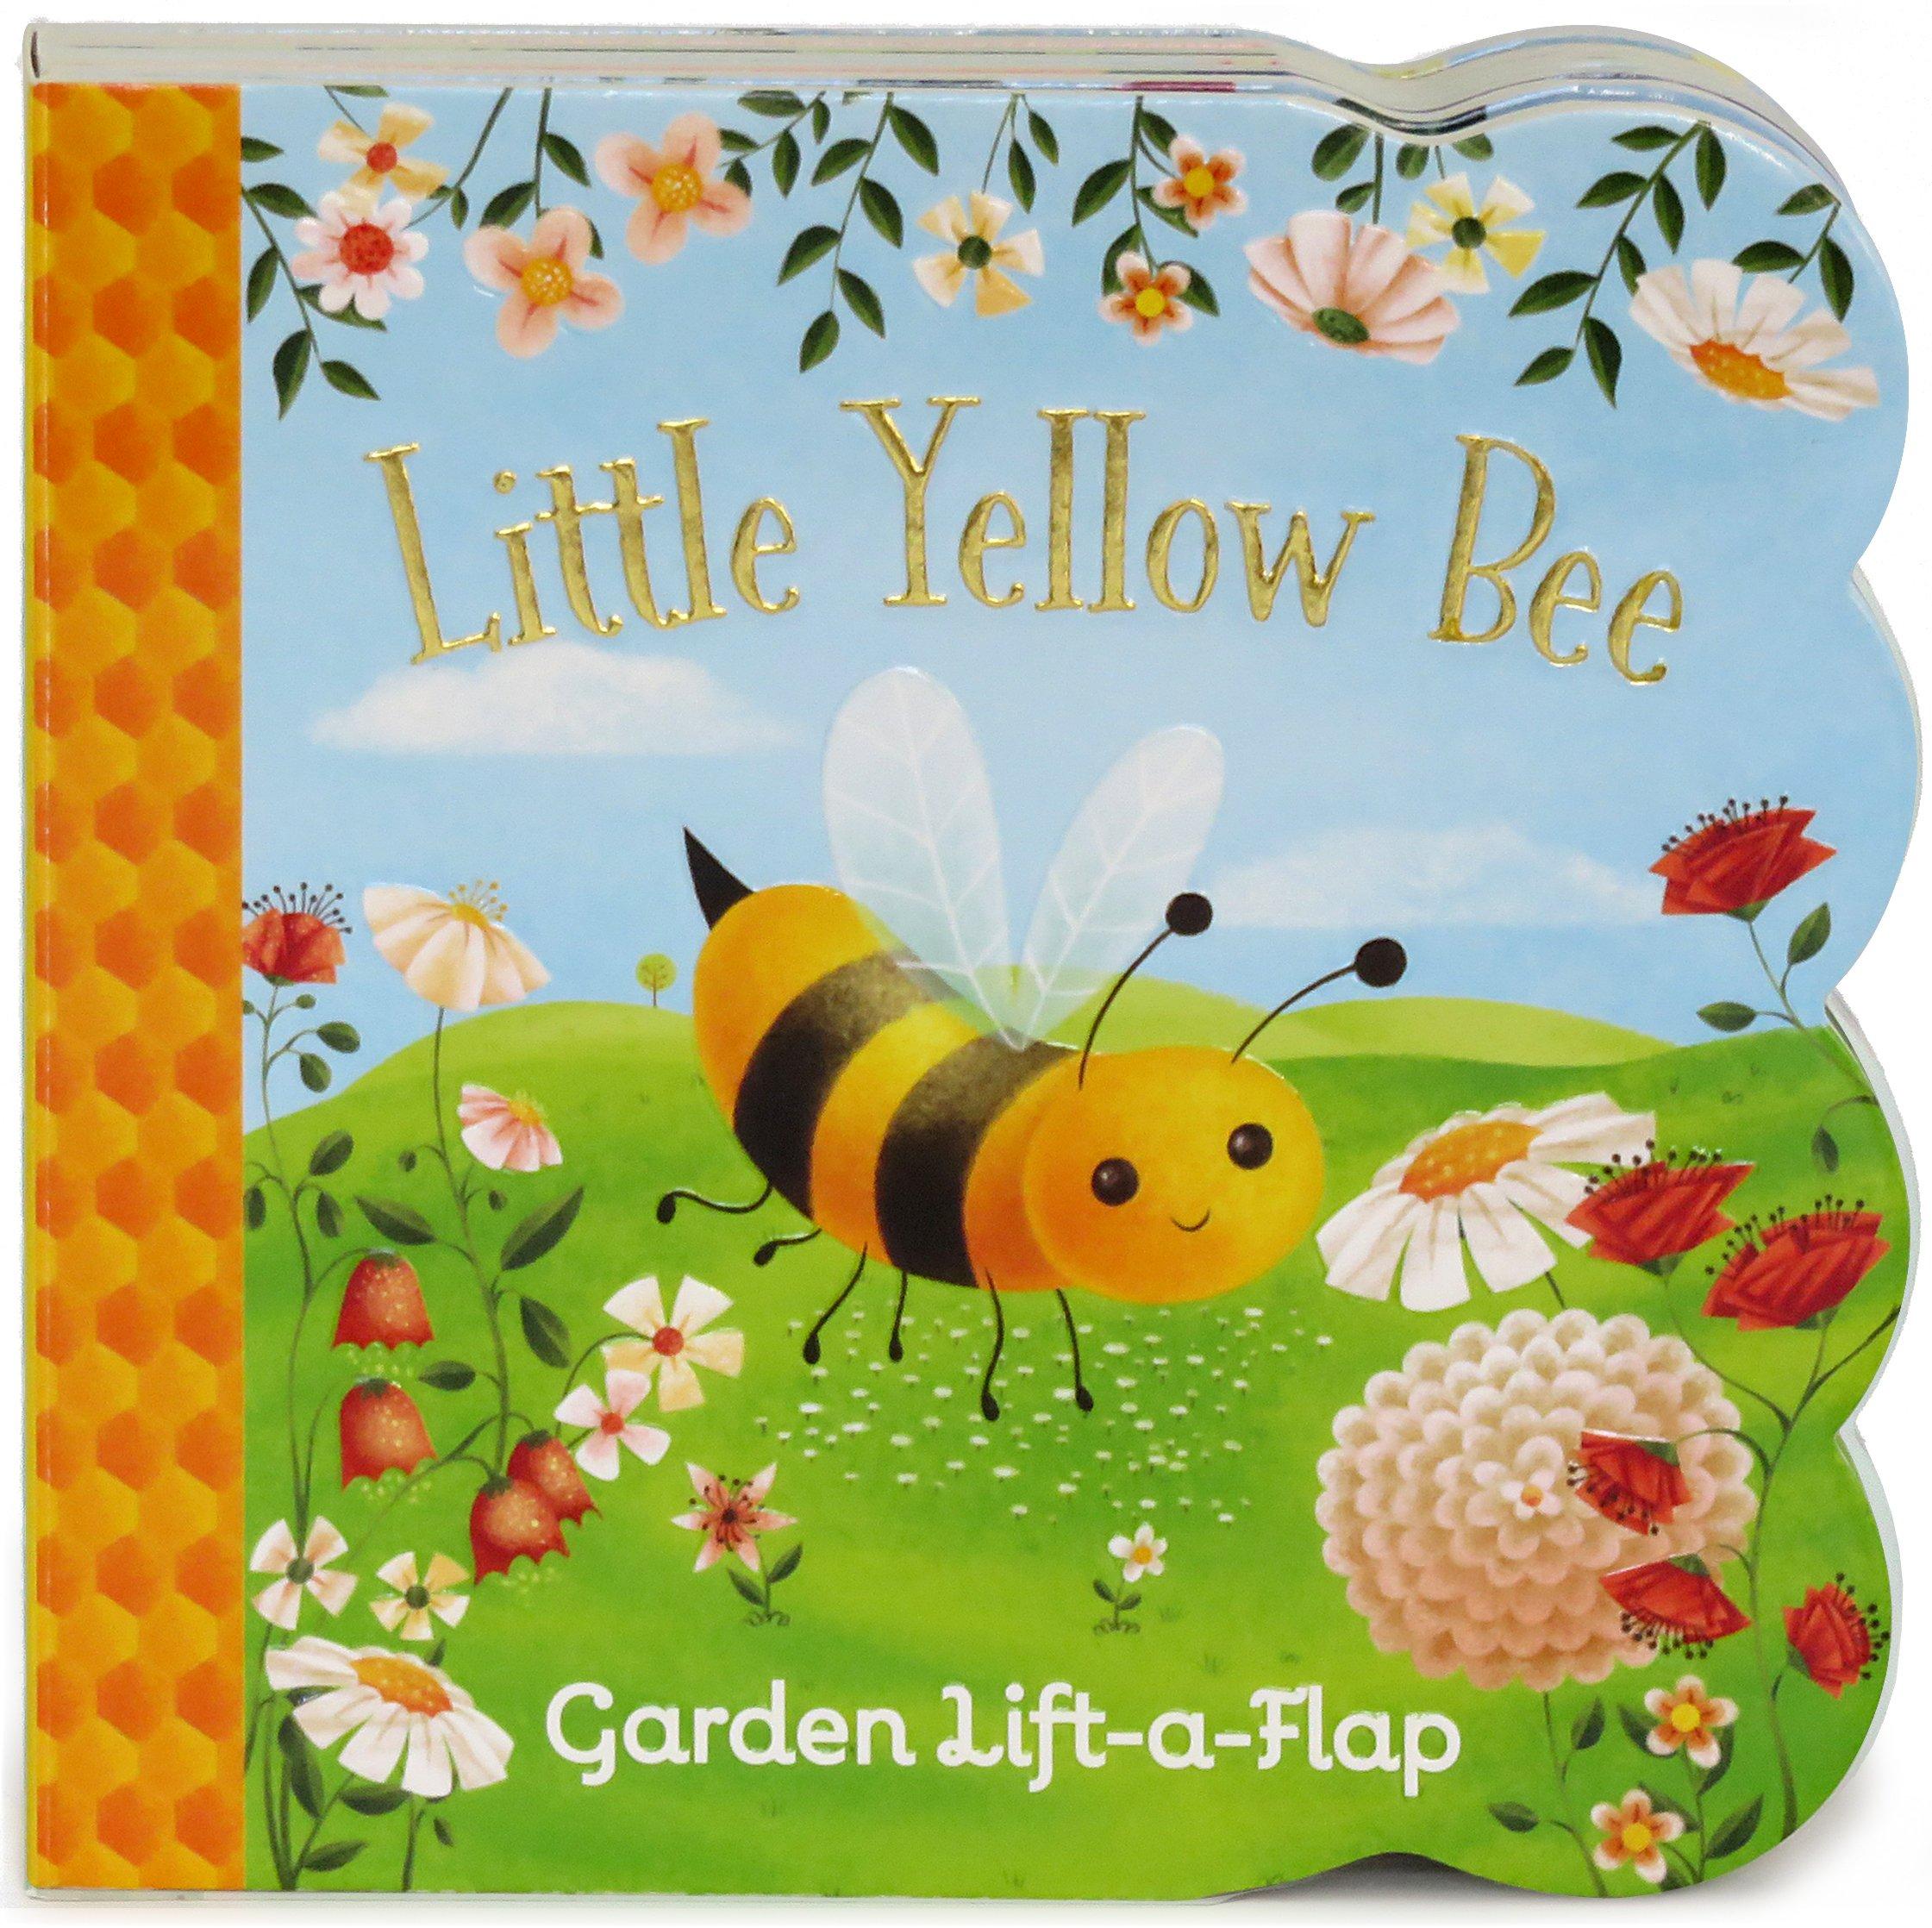 Little Yellow Bee: Lift-a-Flap Children's Board Book (Babies Love)